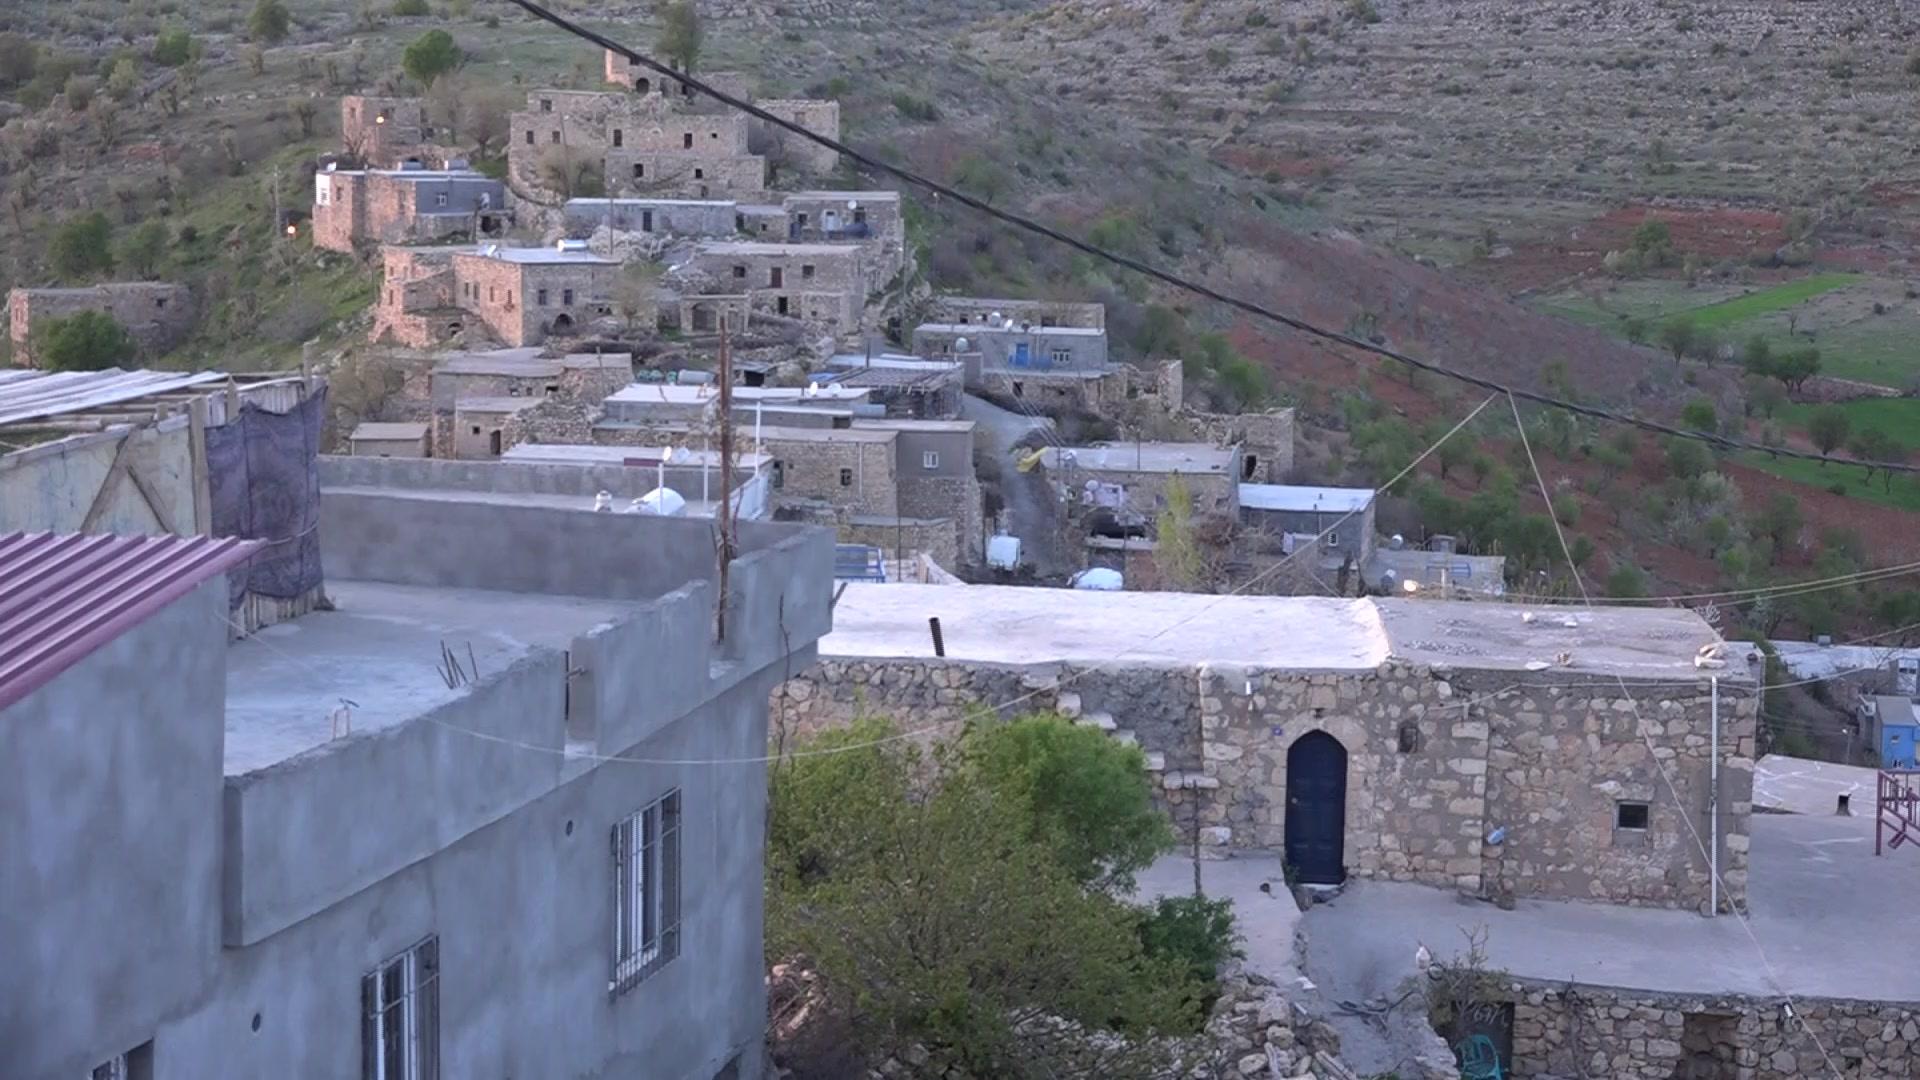 11 ev, karantinaya alındı: Giriş çıkışlar yasaklandı!